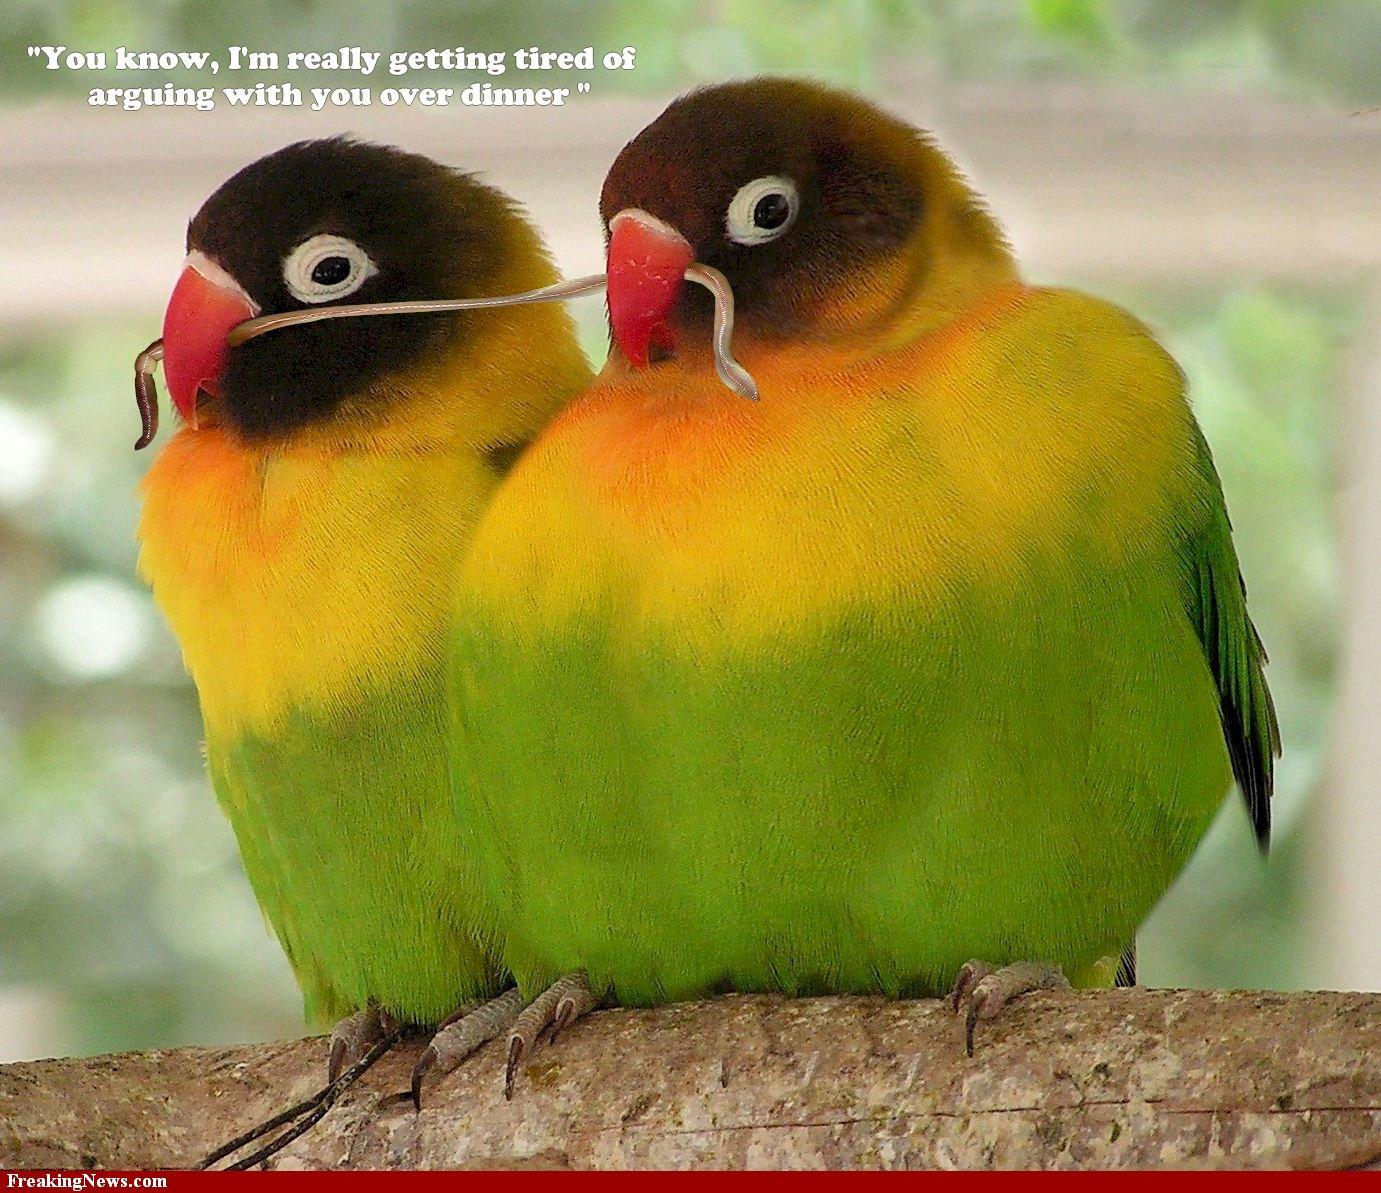 Great Wallpaper Love Bird - lovebirds_beautifulbirds_picturespool_04  Trends_479285.jpg